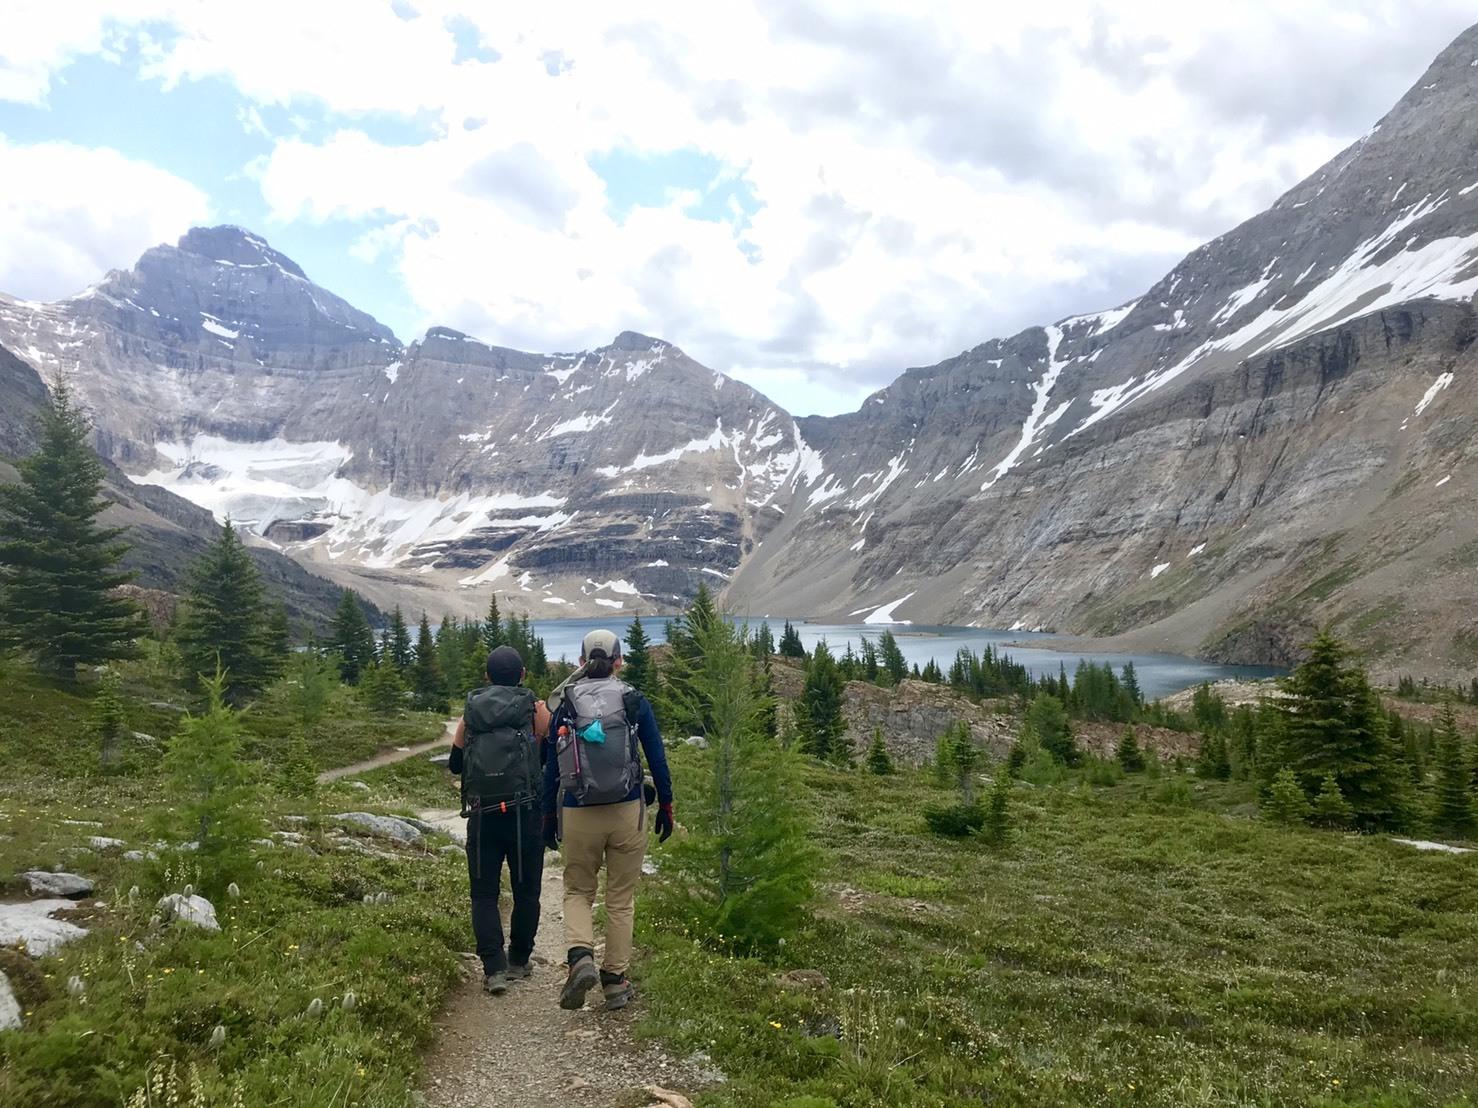 夢をかなえるプライベートハイキング。清水夫妻と行くレイクオハラの旅_d0112928_12011000.jpg